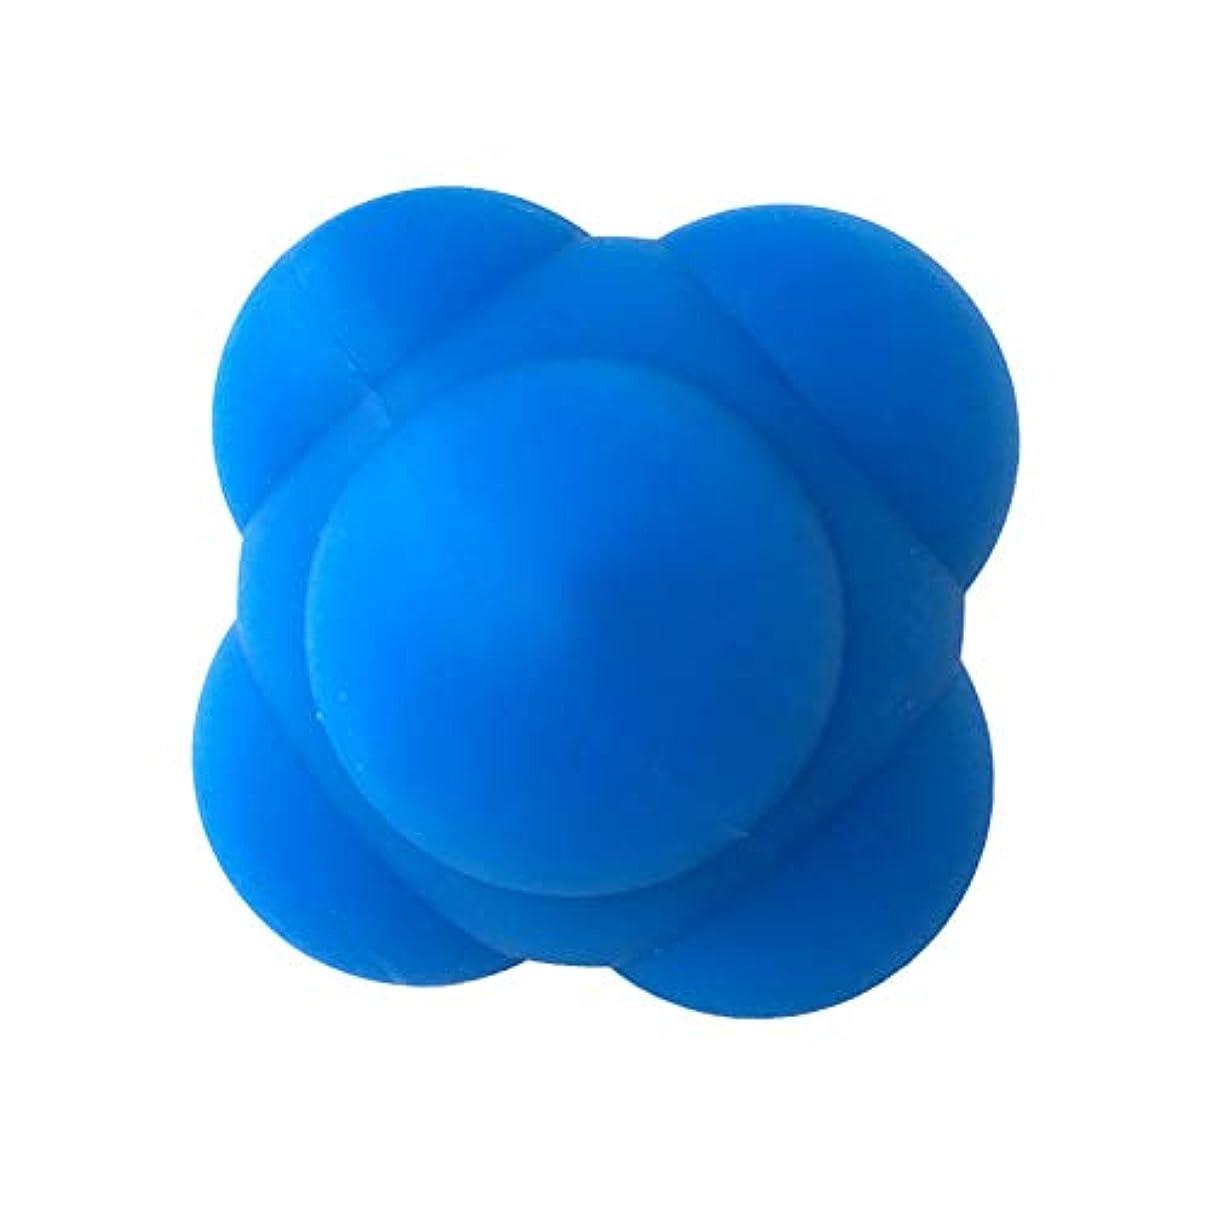 嘆願役立つするだろうHealifty 体の管理ボールスポーツシリコン六角形のボールソリッドフィットネストレーニングエクササイズリアクションボール素早さと敏捷性トレーニングボール6cm(青)